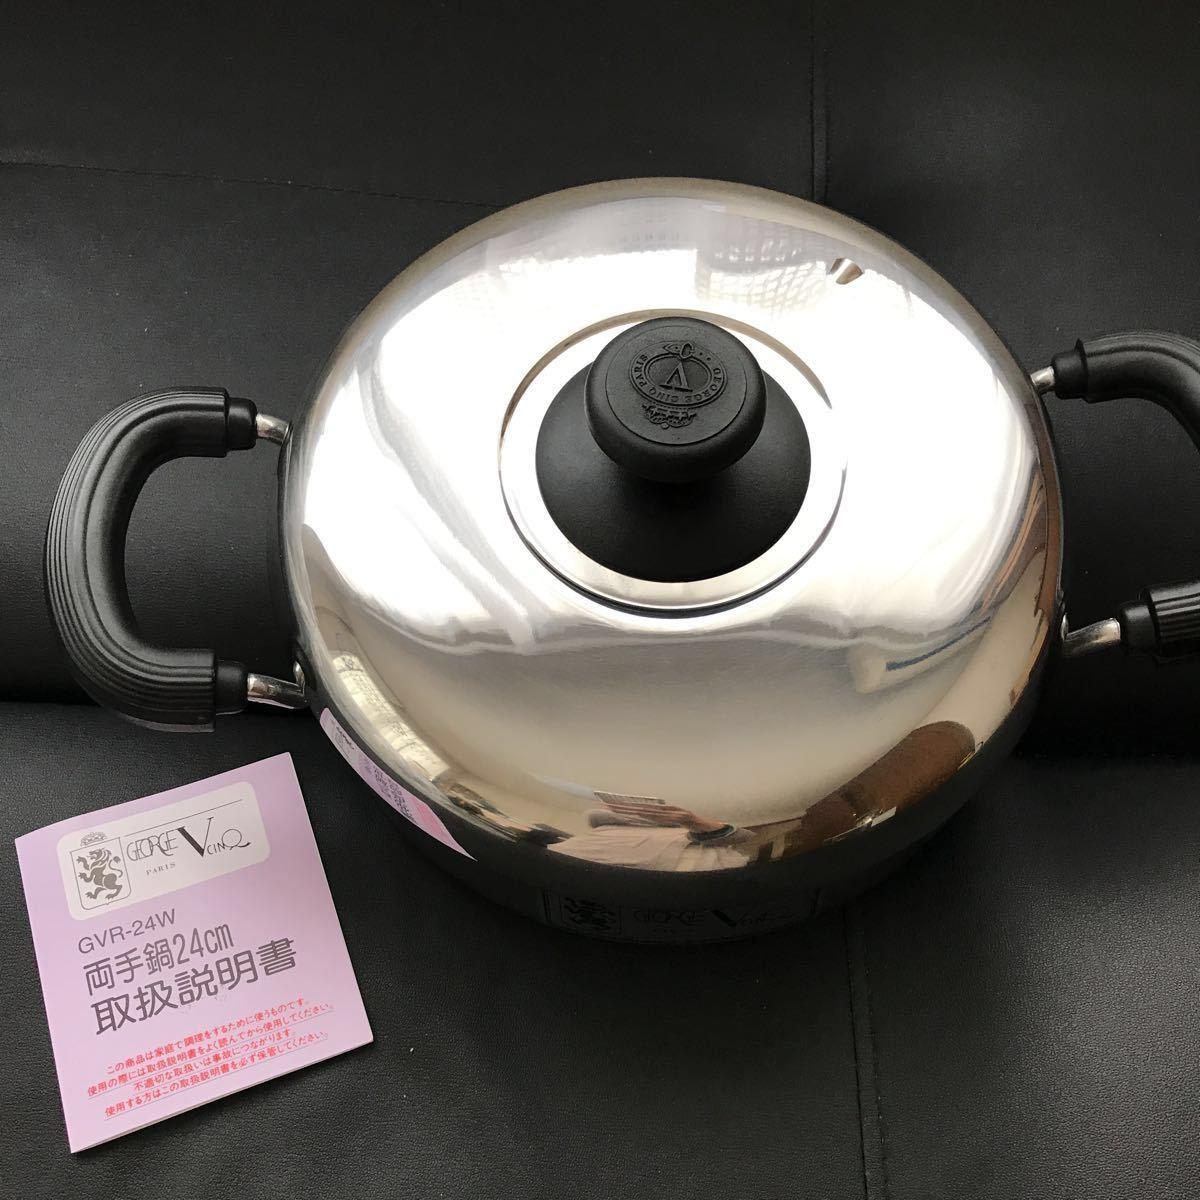 新品 未使用 両手鍋 ステンレス ジョルジュサンク 24cm_画像1